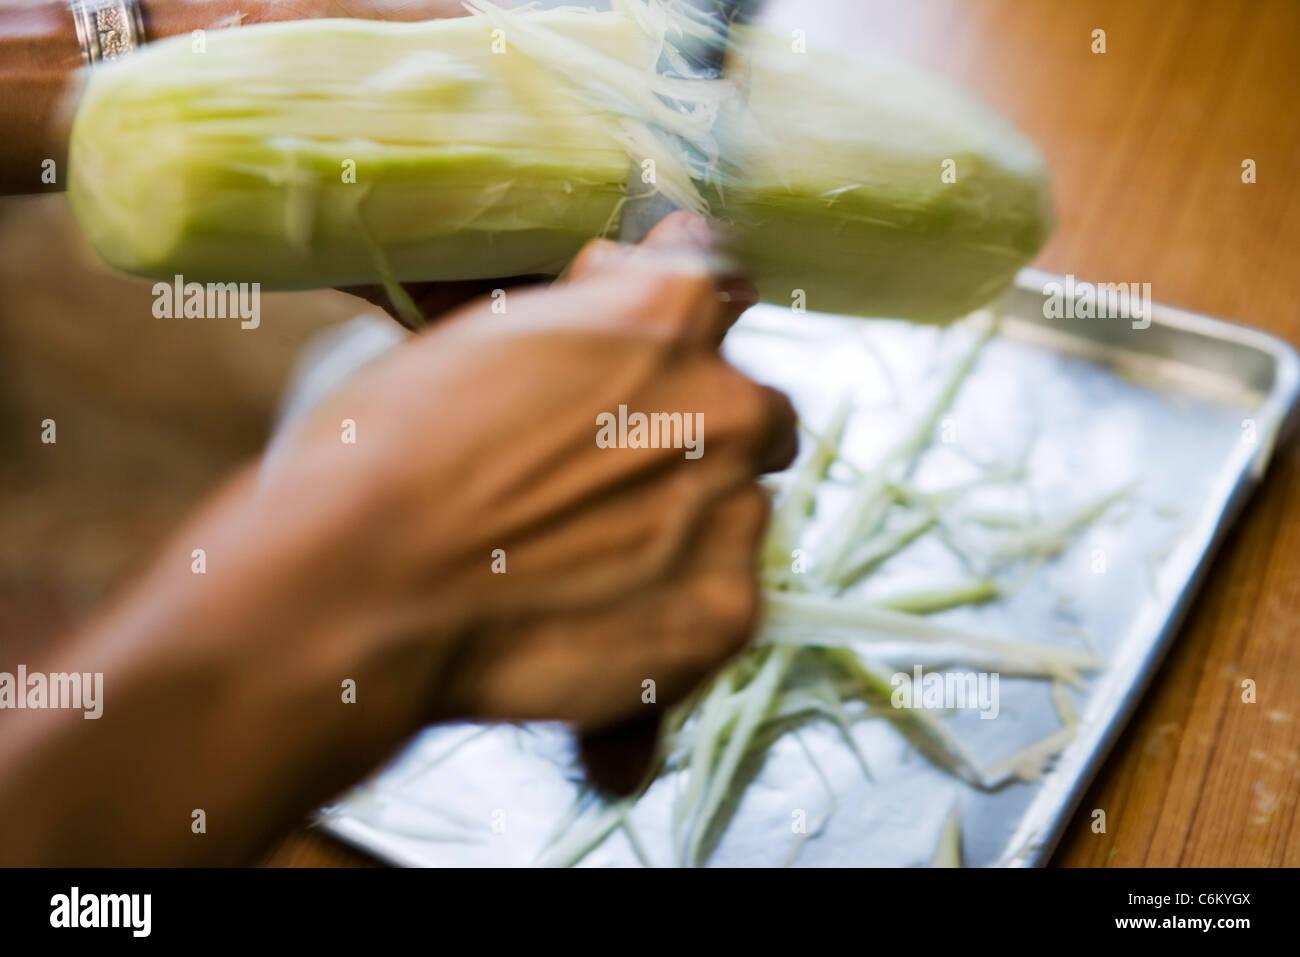 Peeling green papaya - Stock Image